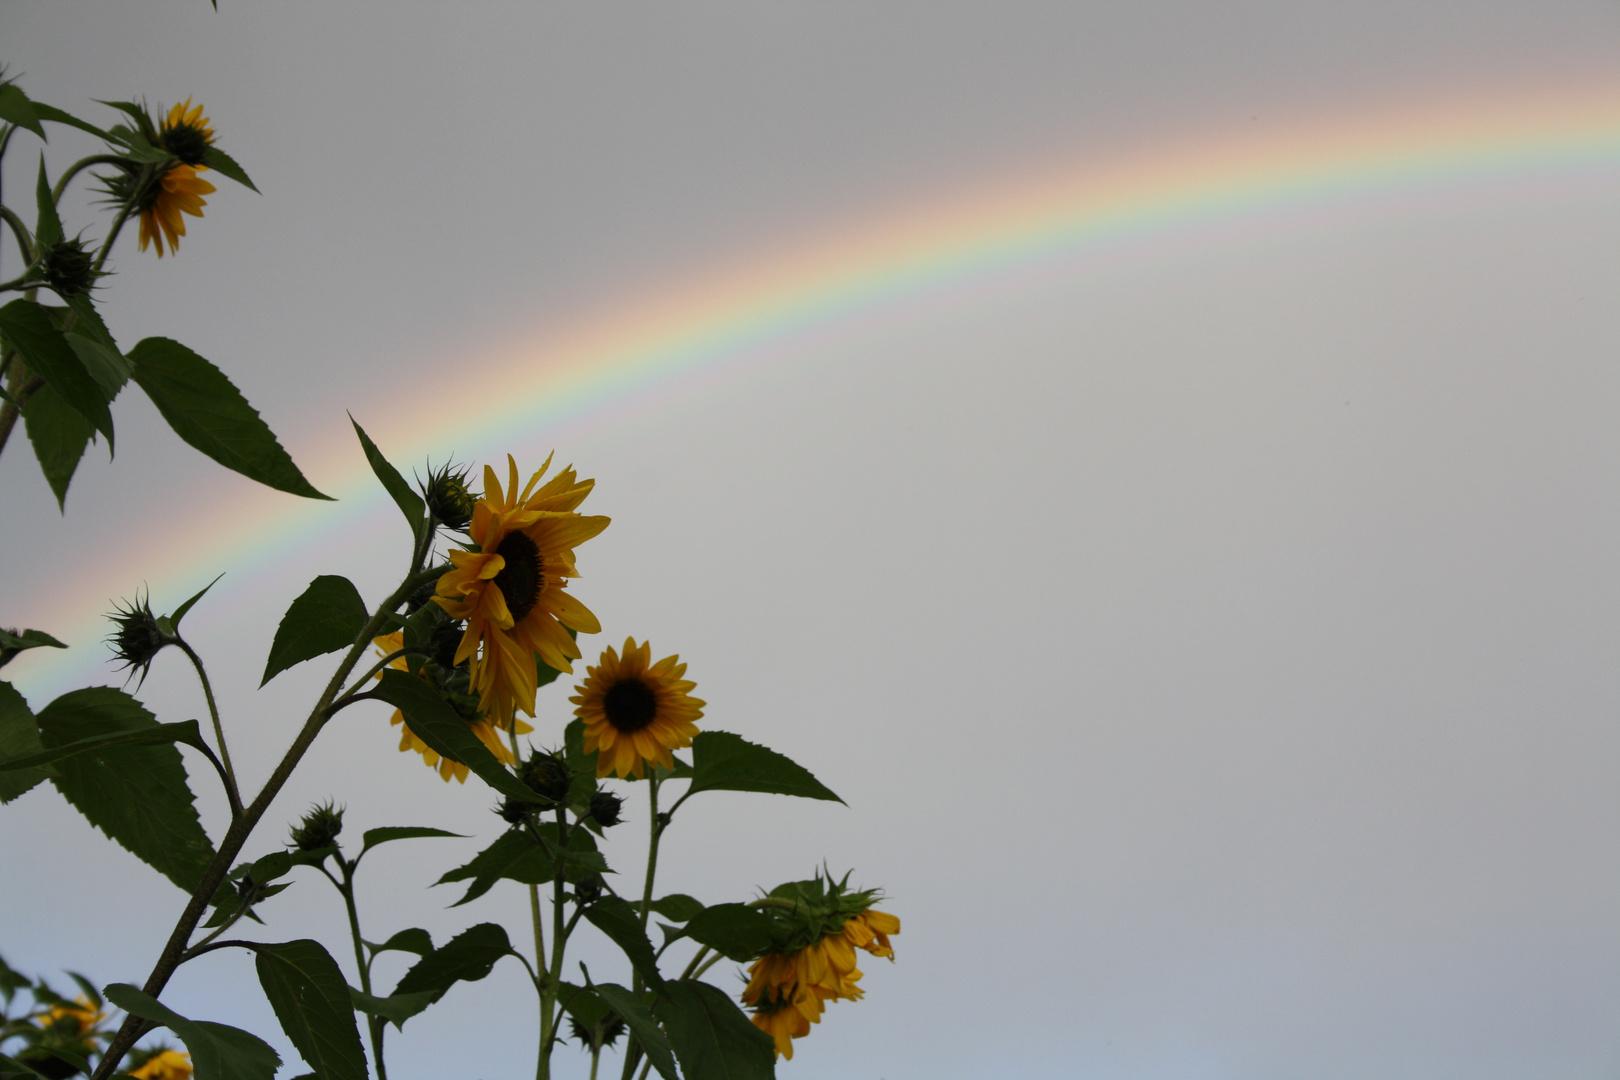 Sonnenblumen unterm Regenbogen